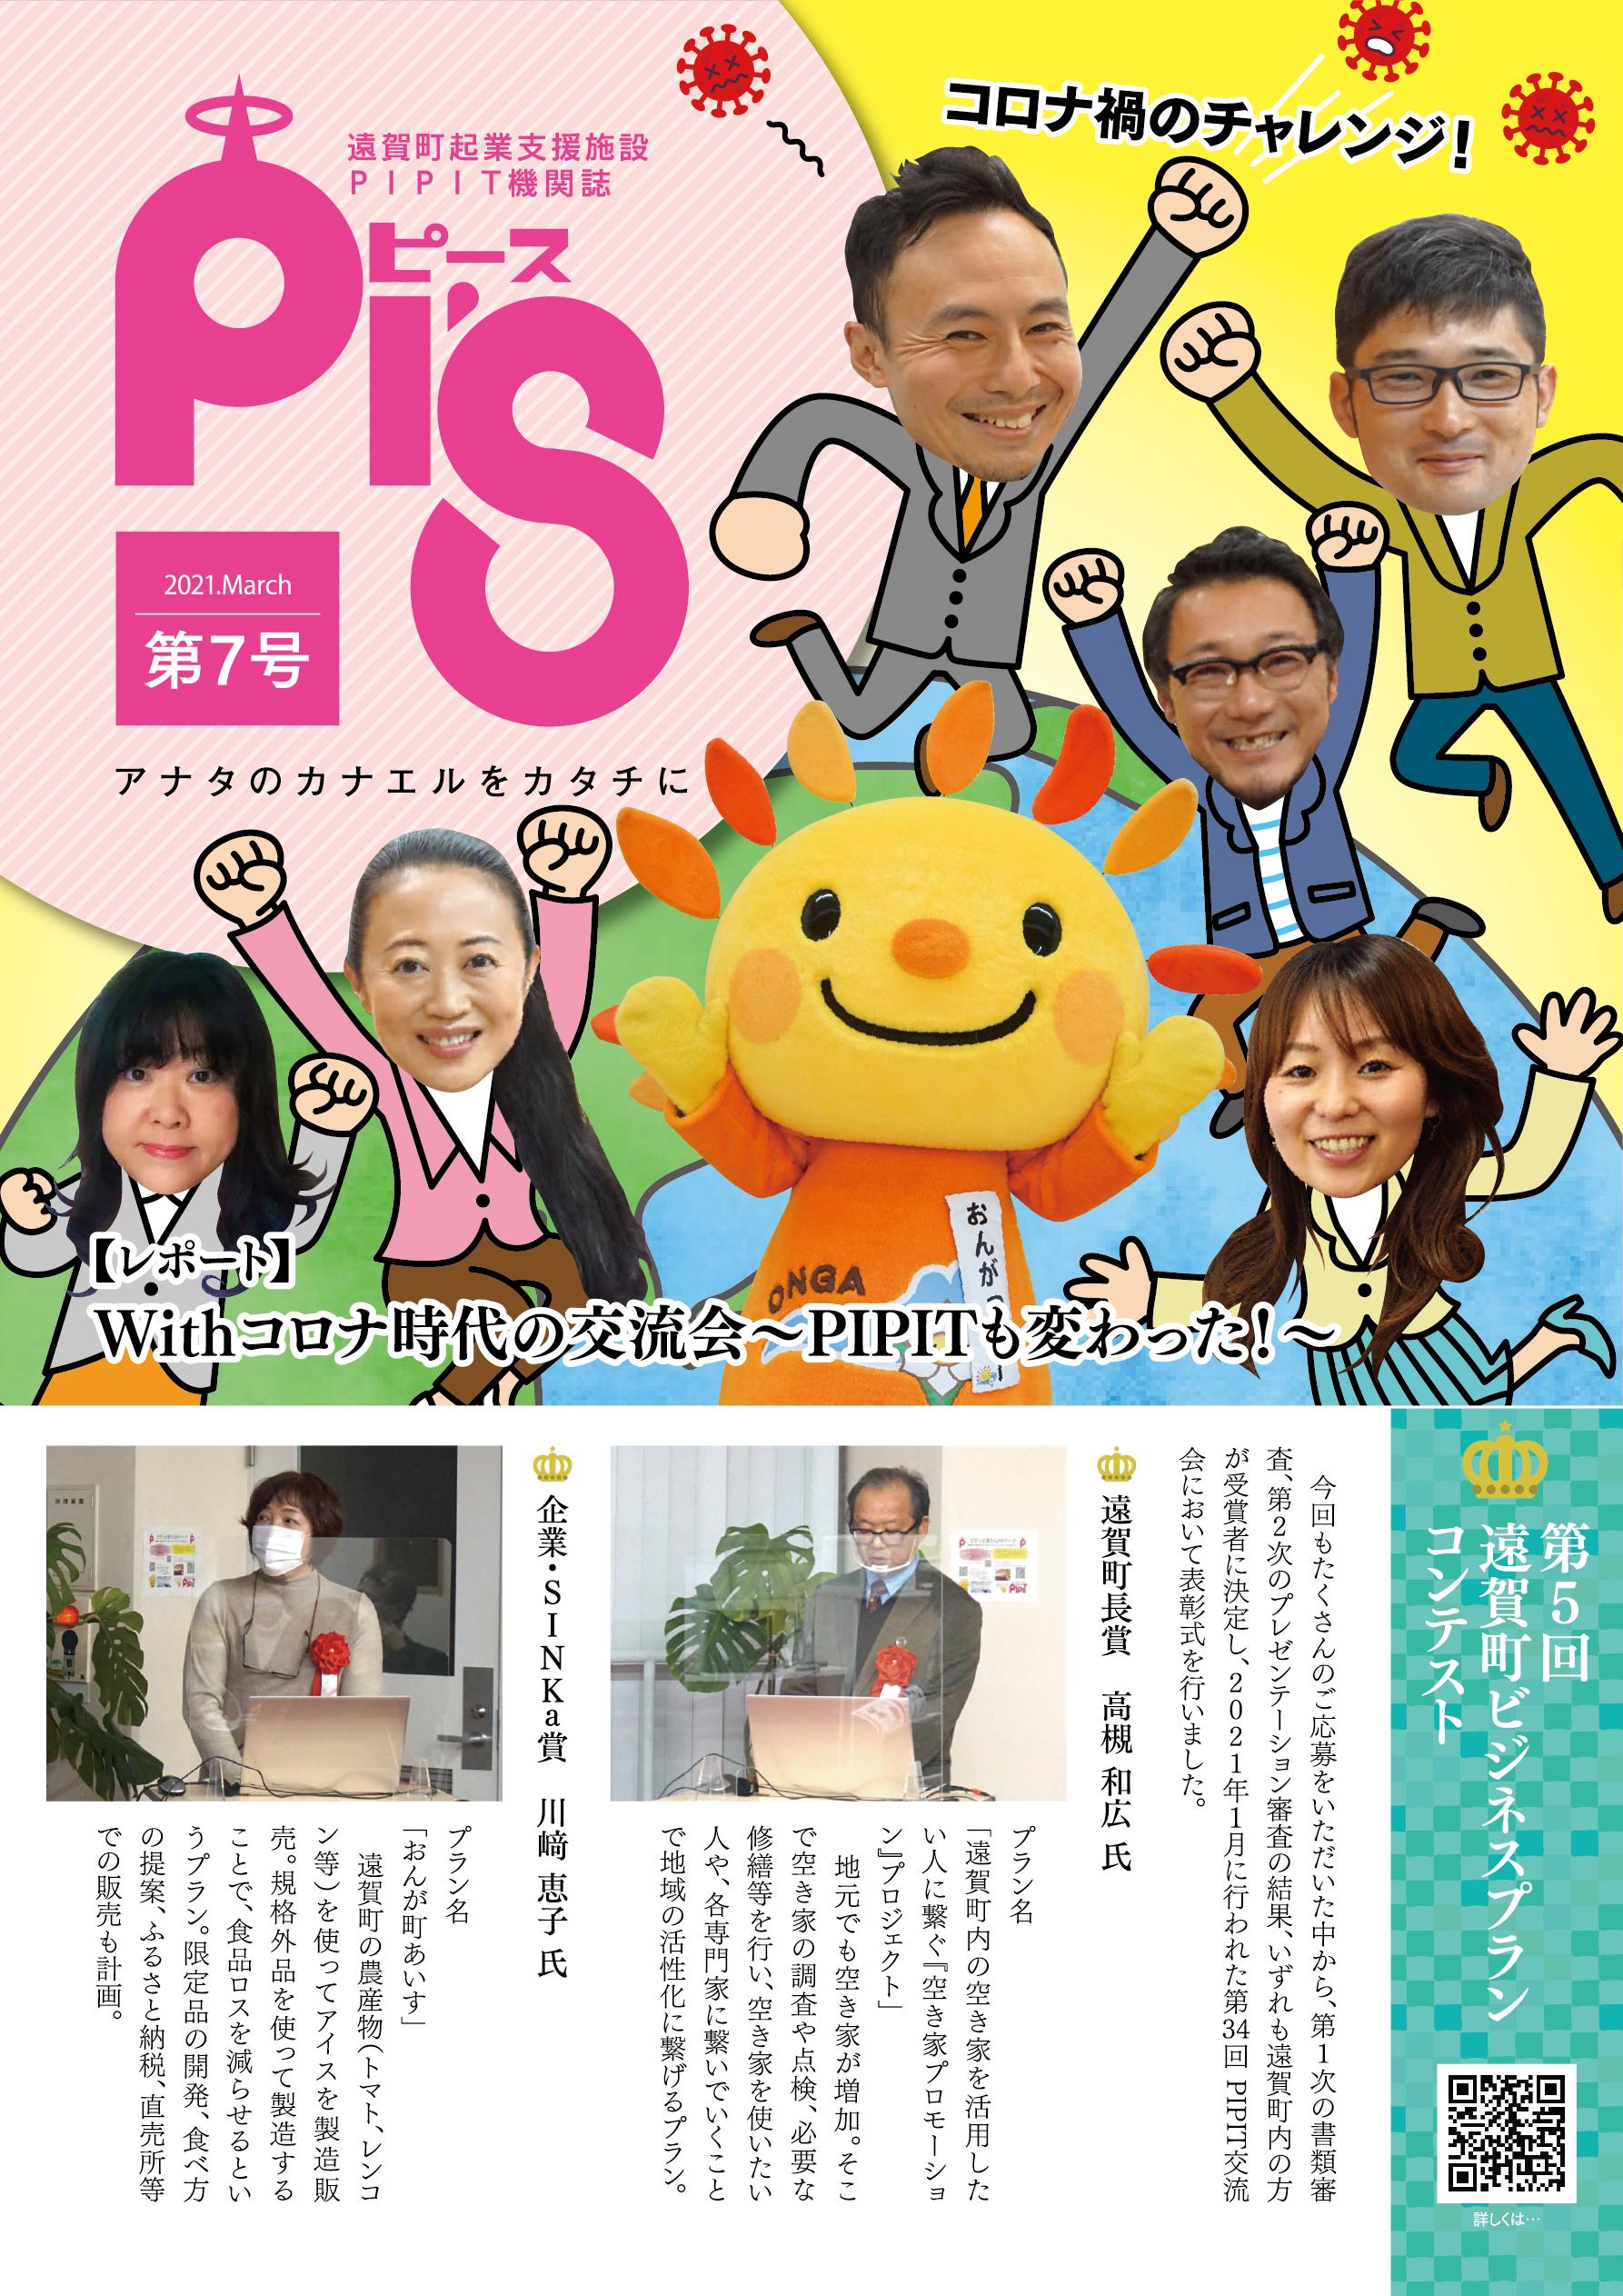 機関誌PI'S(ピース) 第7号